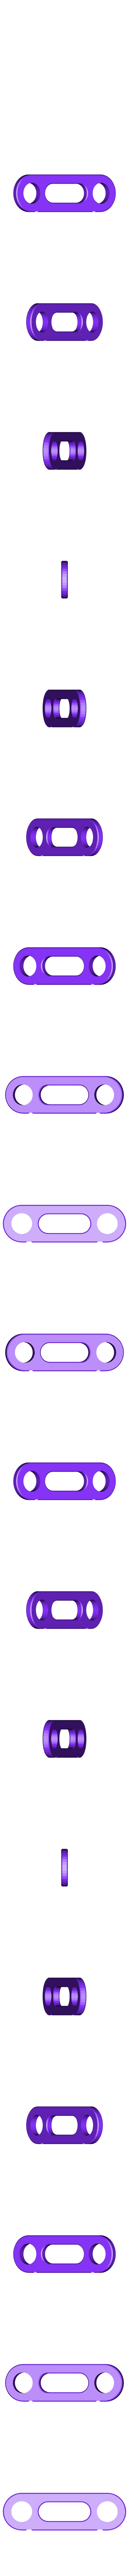 spool_holder.STL Télécharger fichier STL gratuit Porte-bobine simple • Modèle pour impression 3D, listart